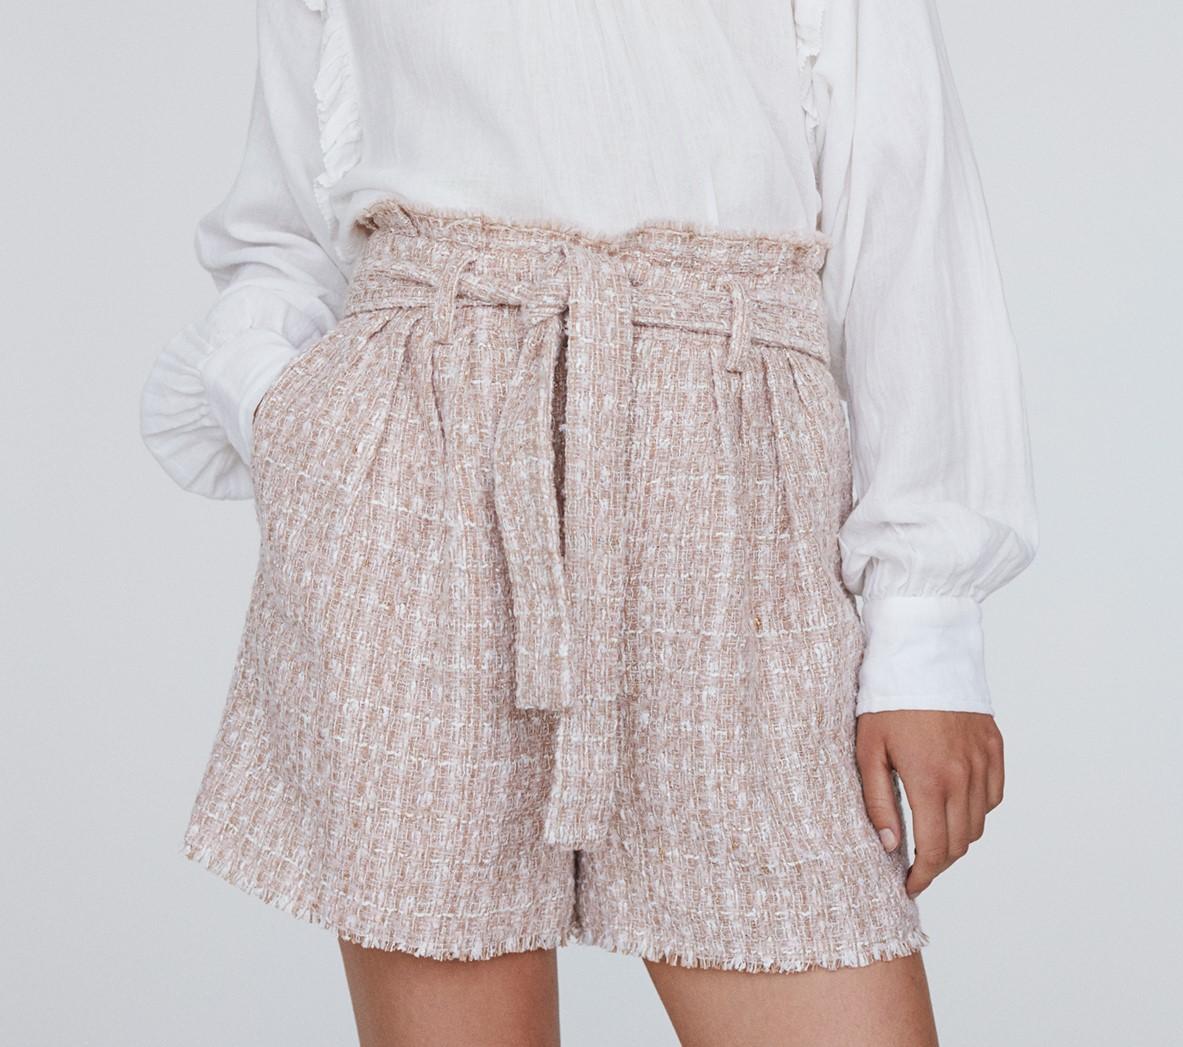 Sofie Schnoor Luann shorts